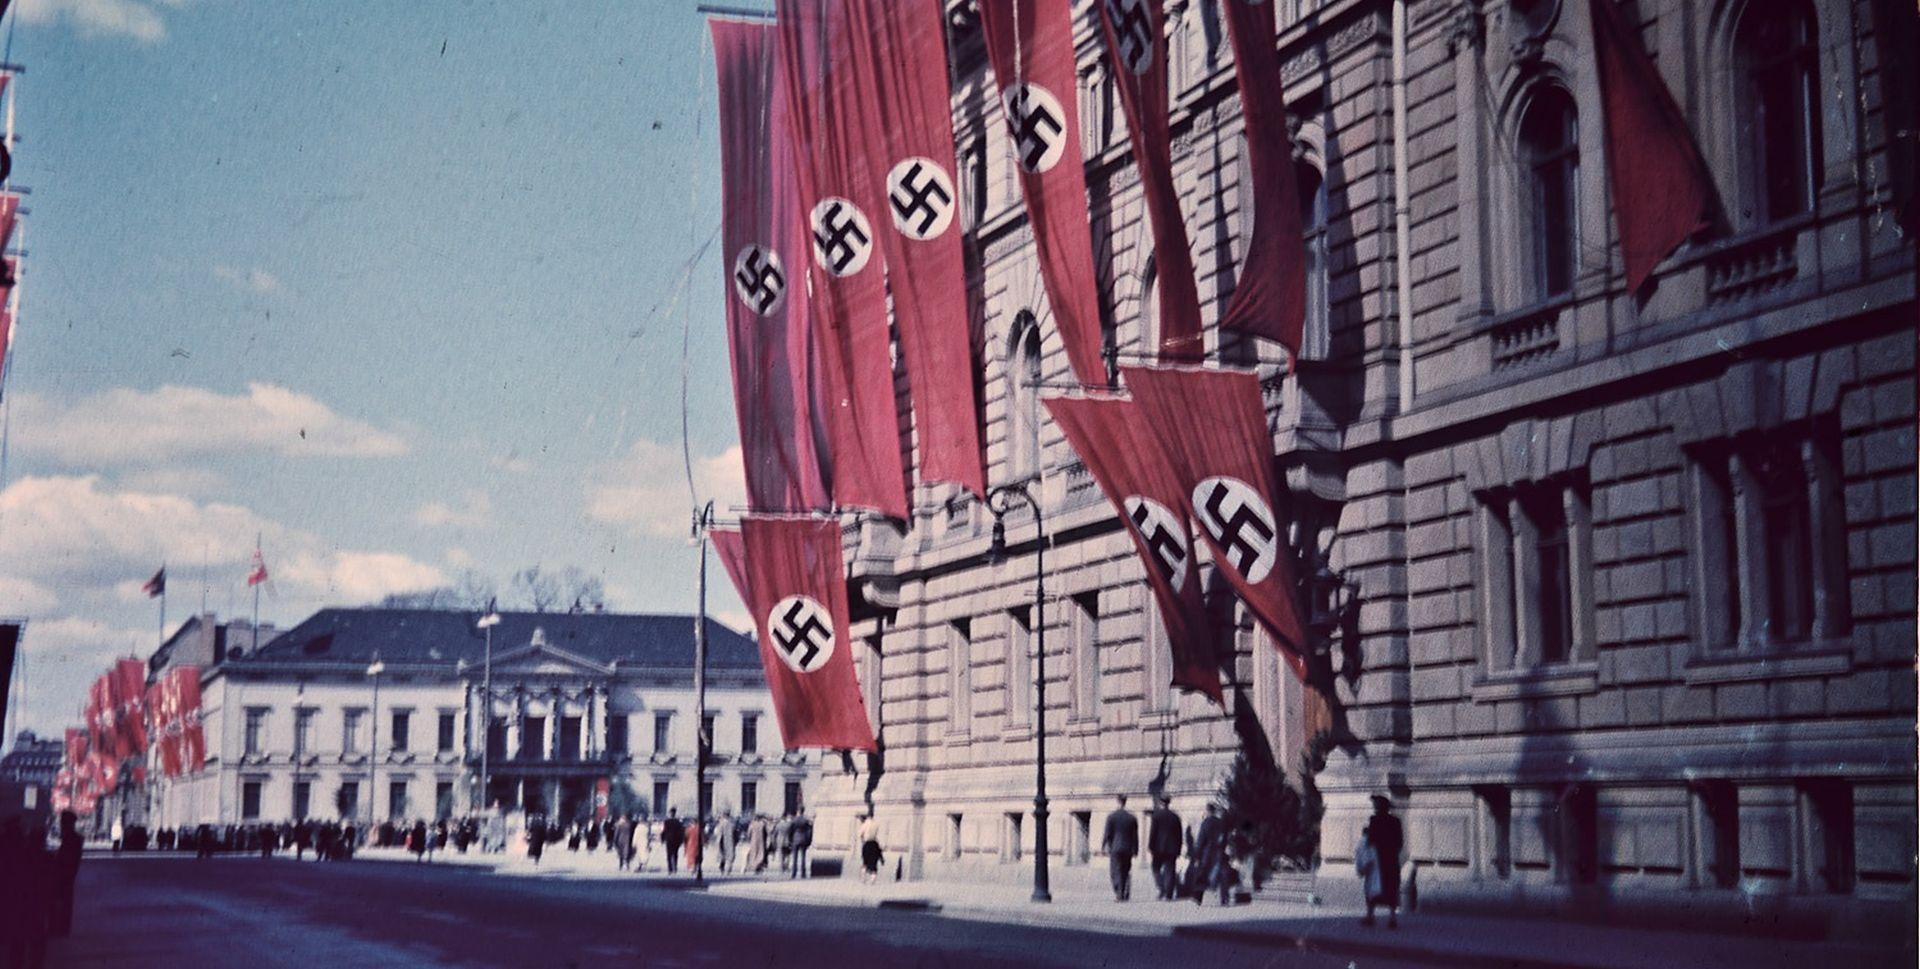 FELJTON Borac za antifašističku Njemačku u Hitlerovo doba